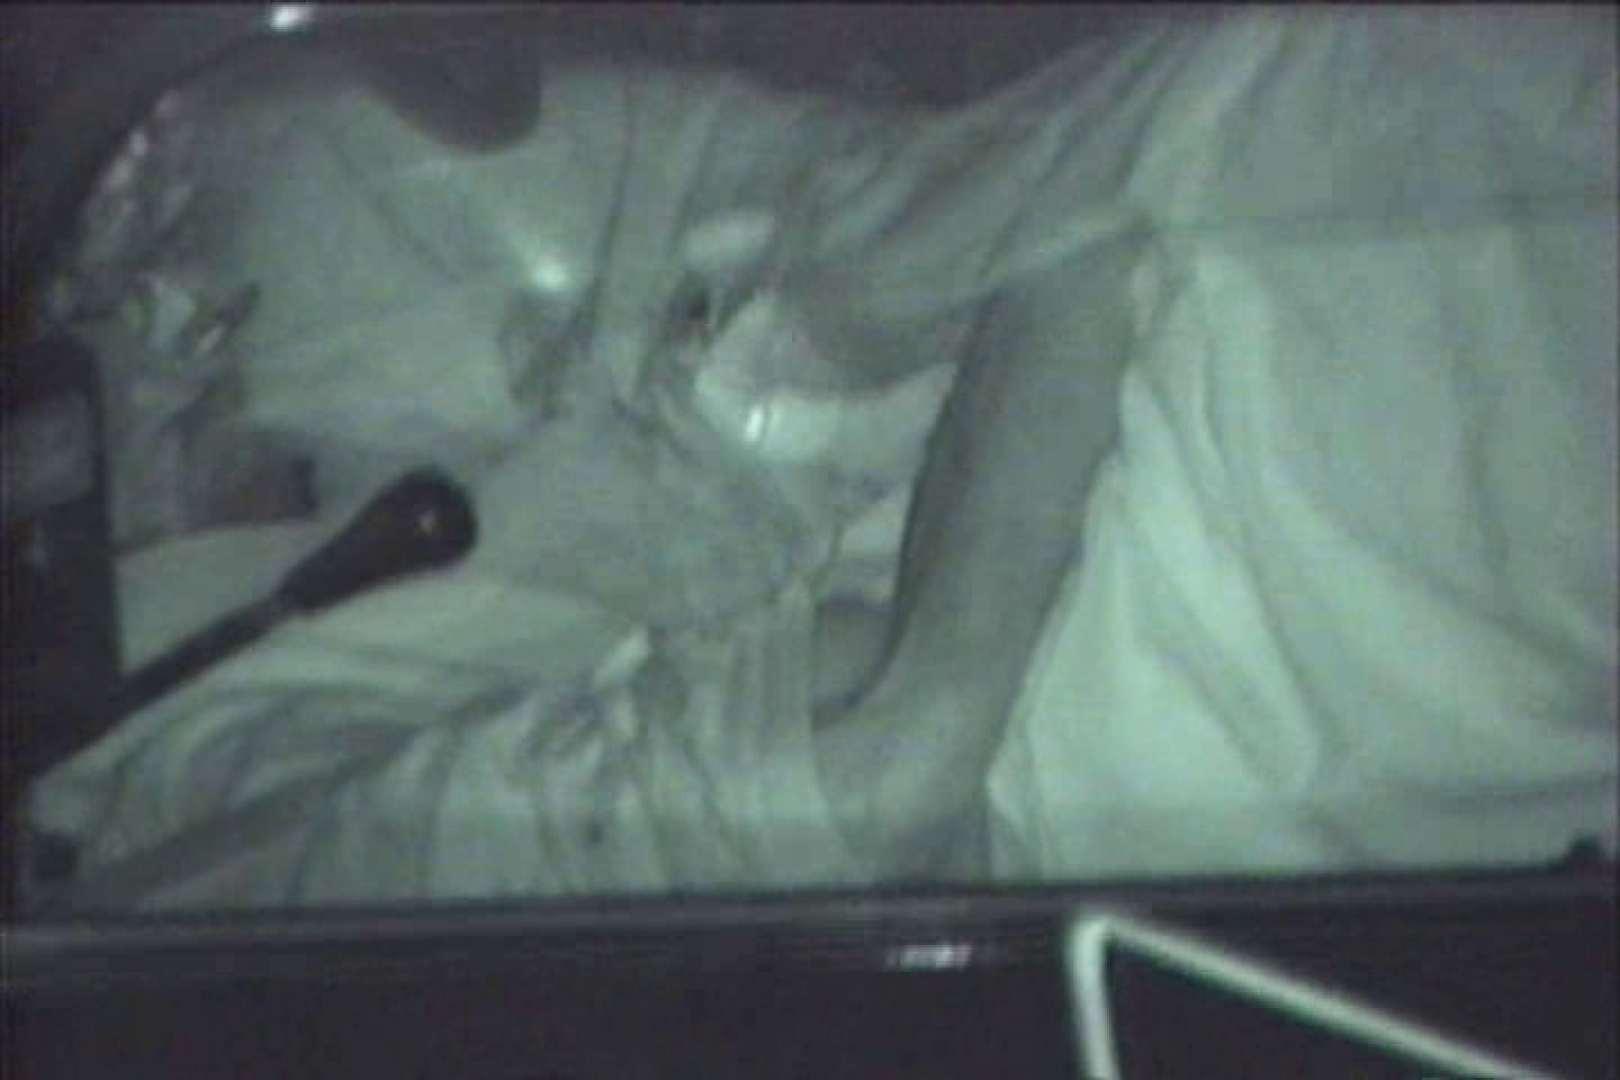 車の中はラブホテル 無修正版  Vol.16 覗き  86PIX 22